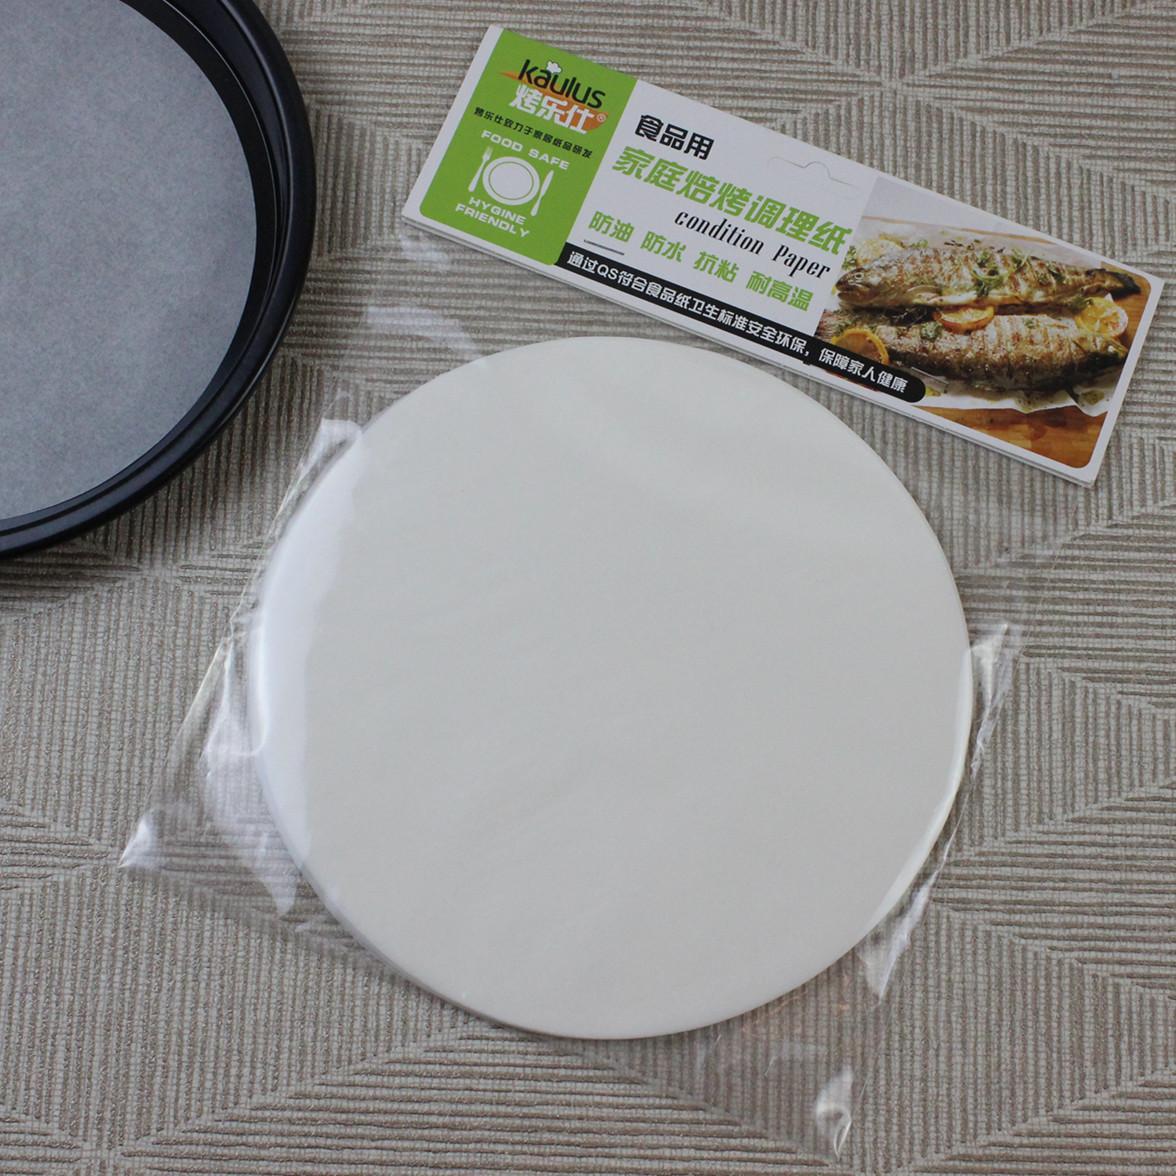 烤乐仕圆油纸100张一次性不粘烤肉蛋糕脱模垫纸烤箱空气炸锅油纸